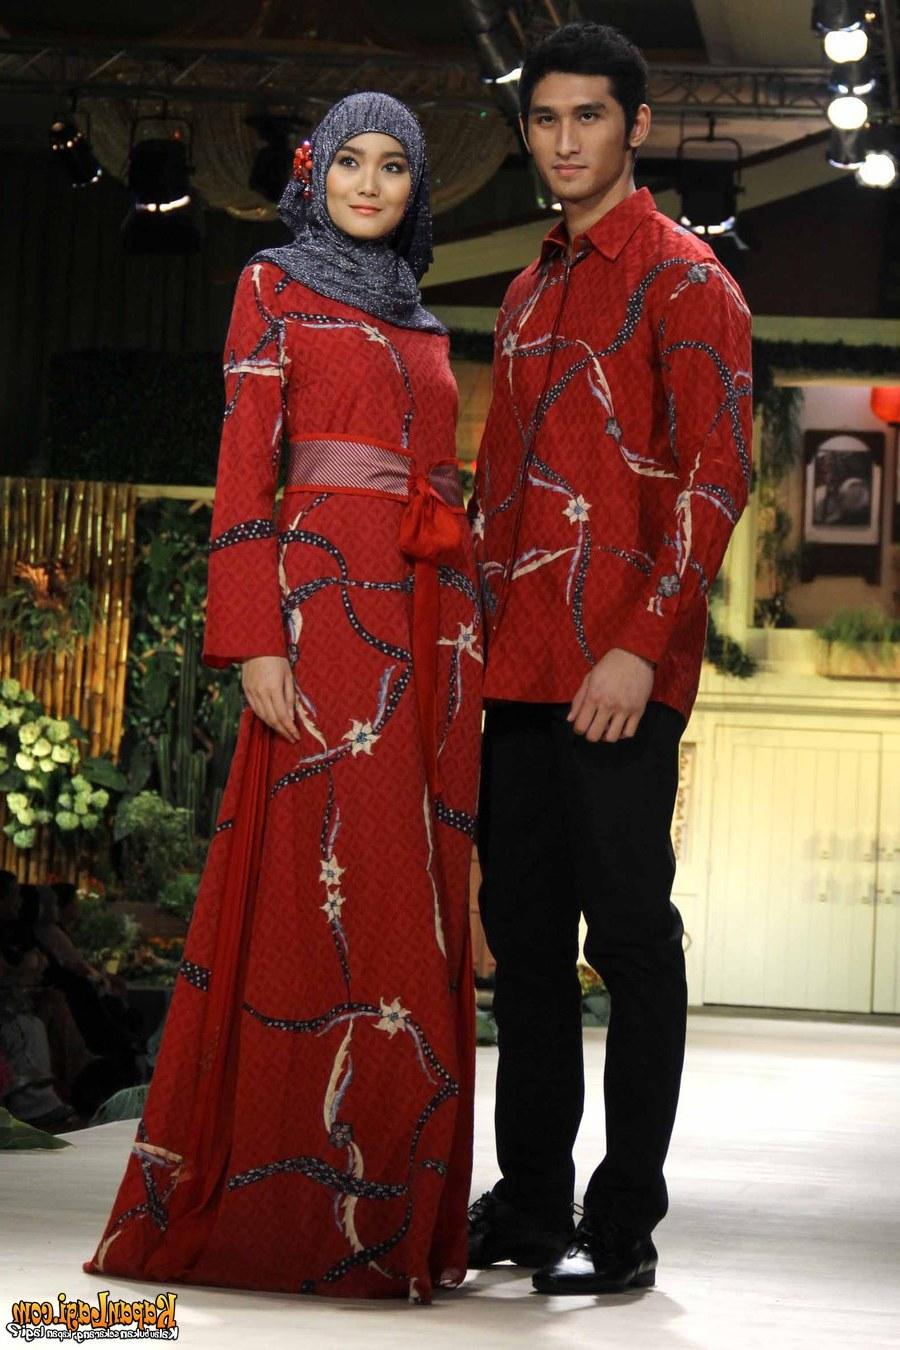 Bentuk Koleksi Baju Lebaran Fmdf Master Konveksi Bandung Ide Busana Muslim Untuk Lebaran